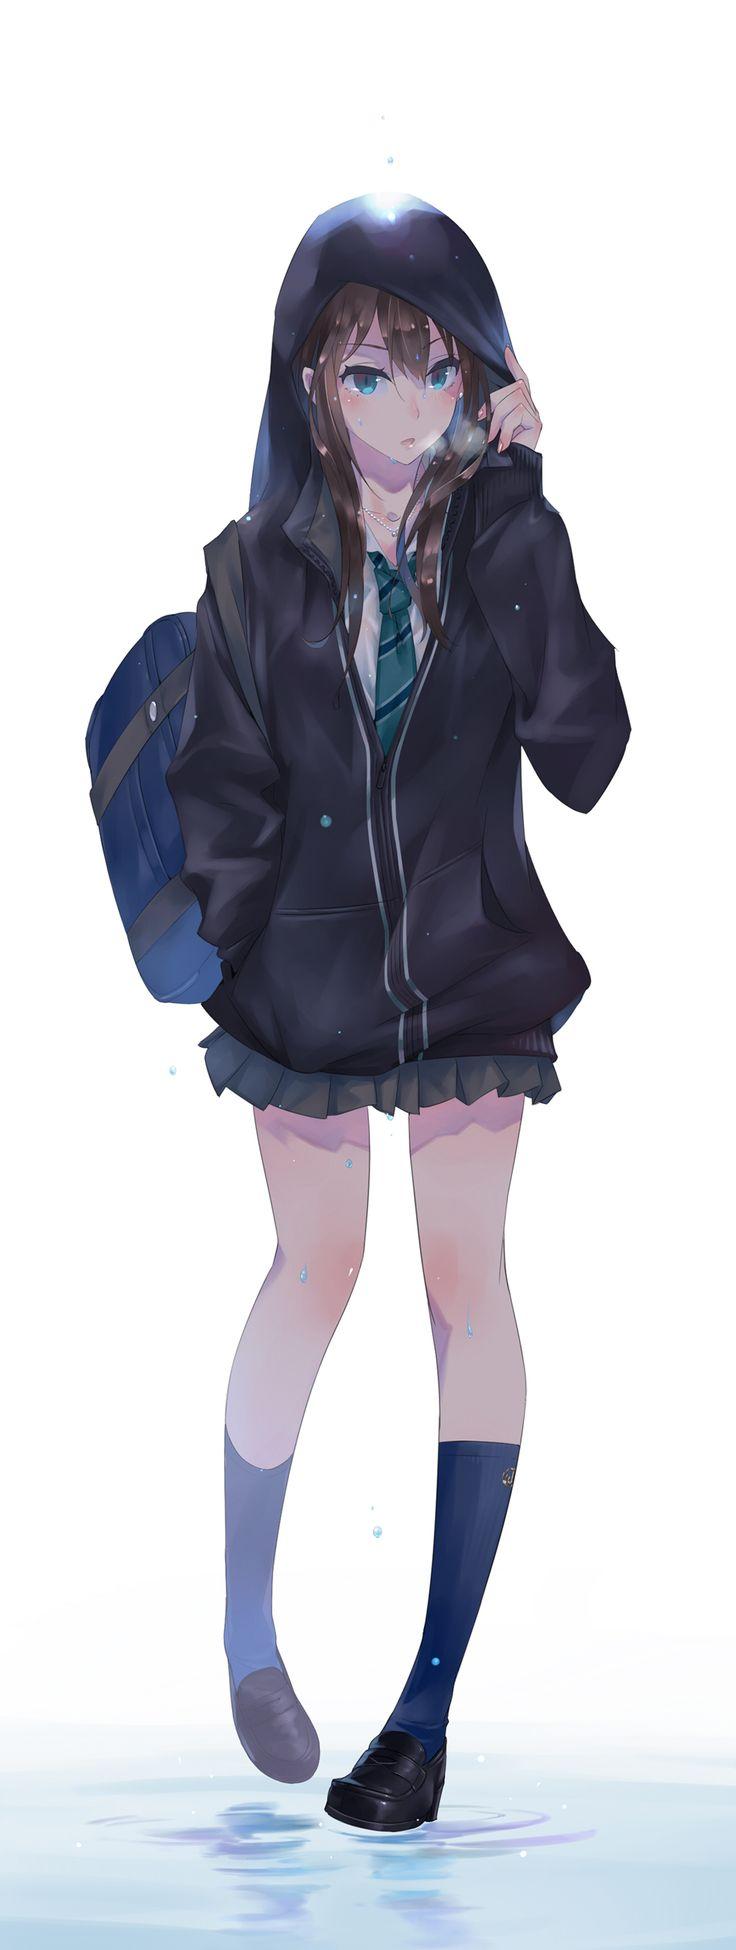 Artwork by monq http://www.pixiv.net/member_illust.php?mode=medium&illust_id=48378559